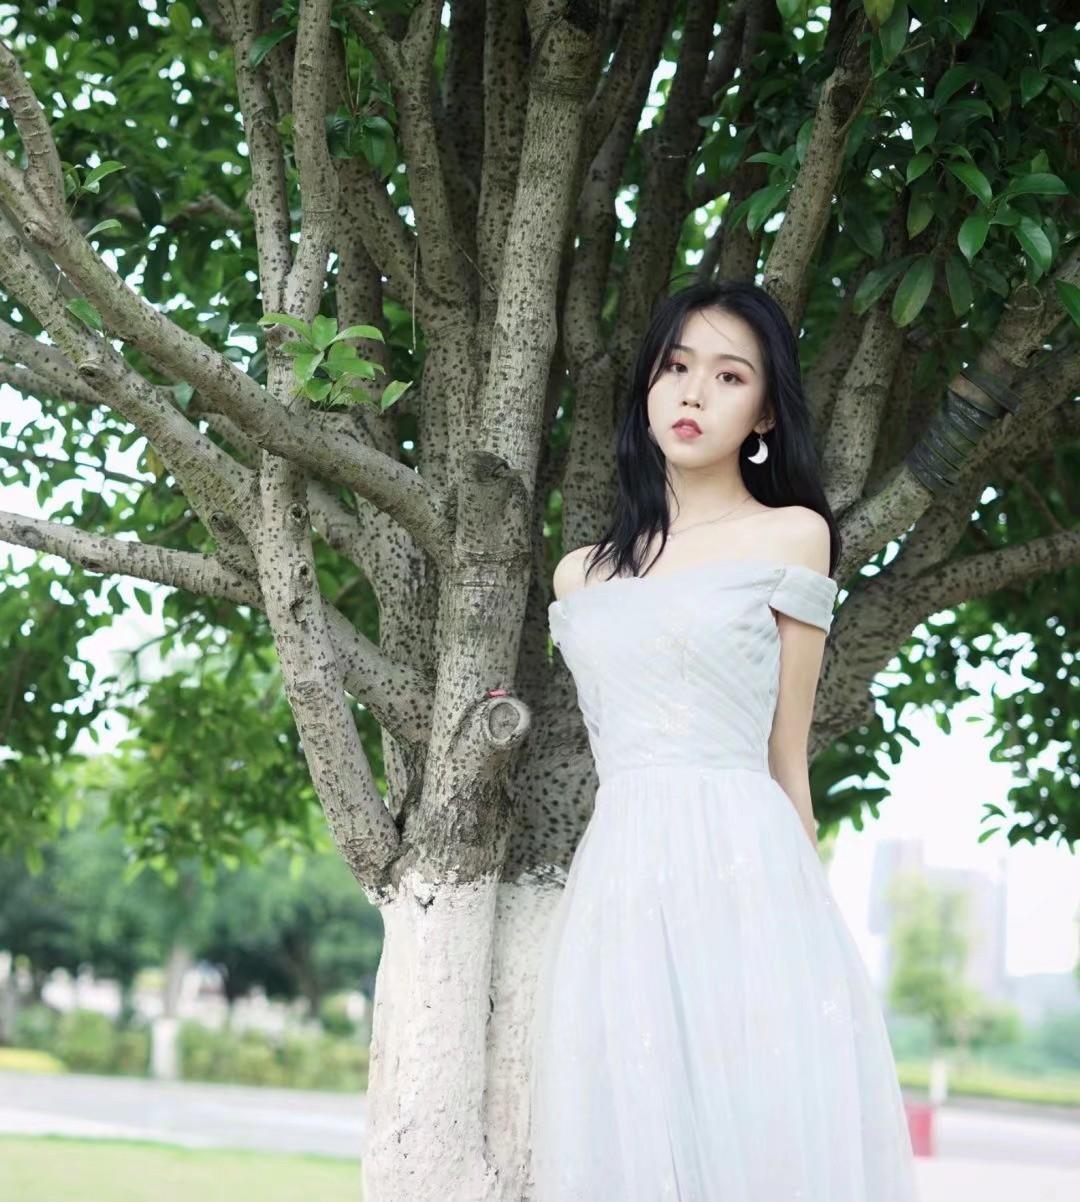 #伴娘服~#  特别仙的小礼服  也可以做伴娘服哦